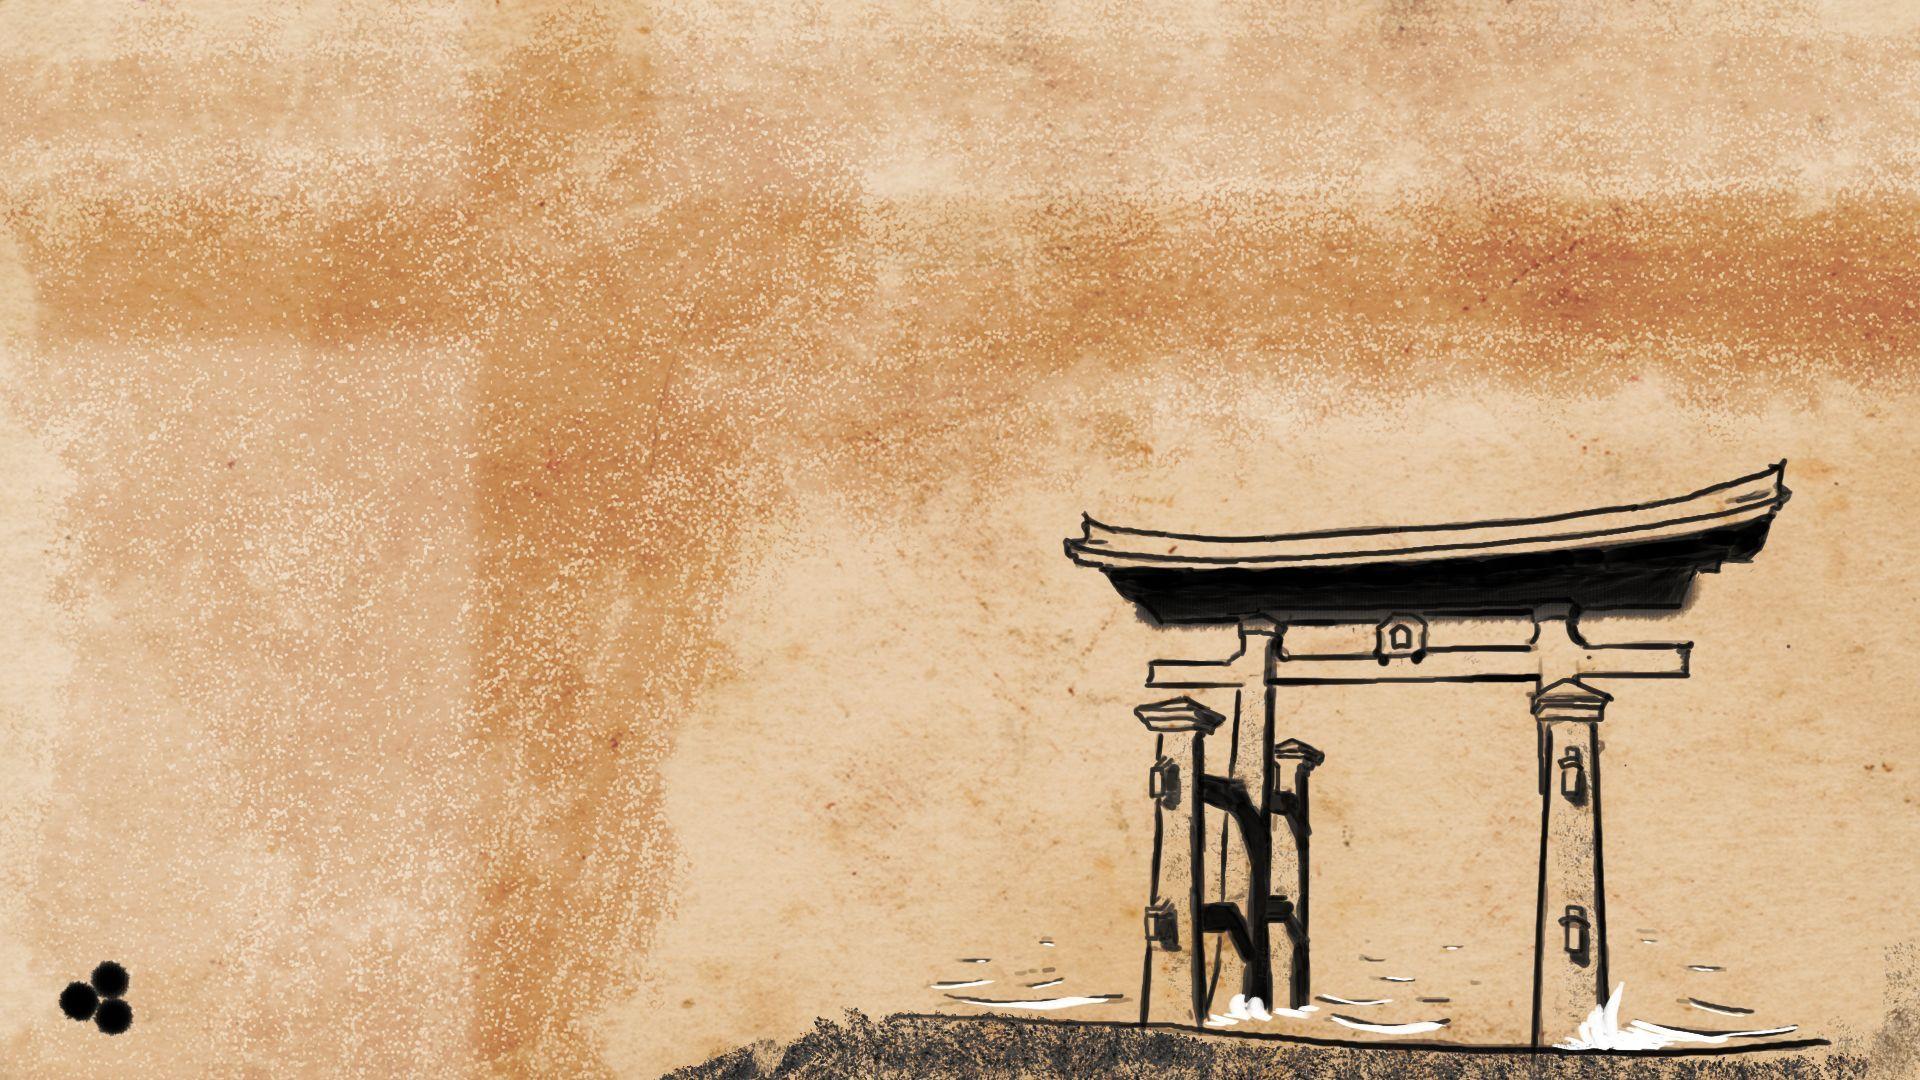 Traditional Japanese Art Wallpaper Background for Desktop ...